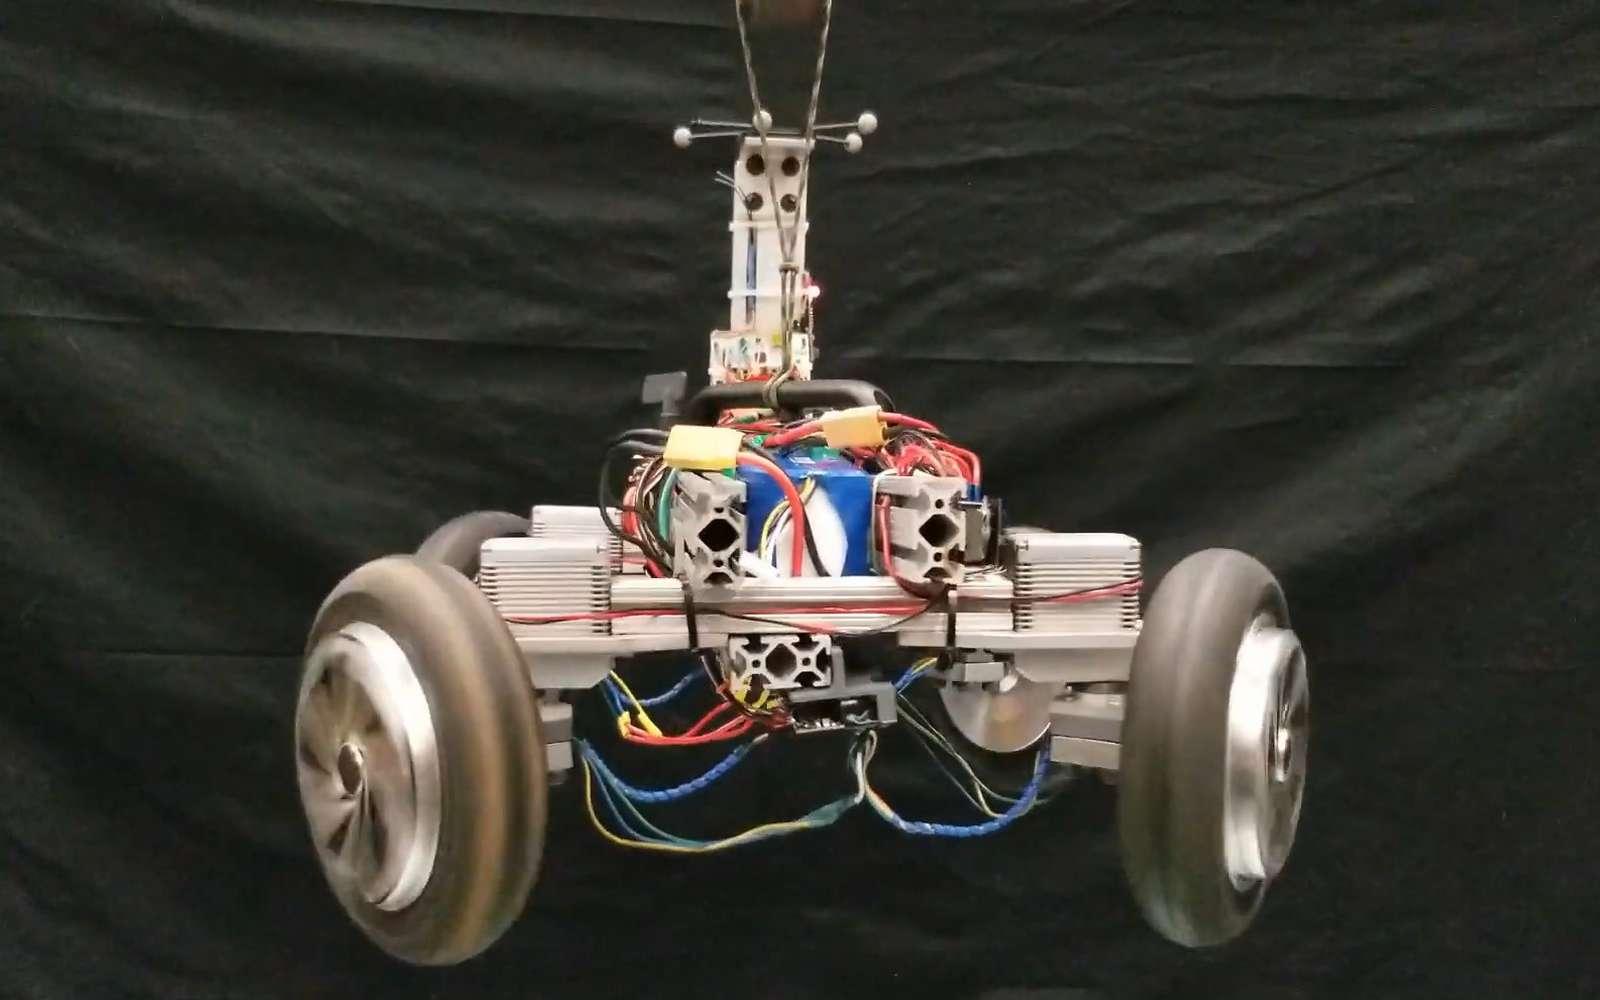 Le robot Agro peut se redresser pendant sa chute grâce à ses quatre roues motrices. © Académie militaire de West Point